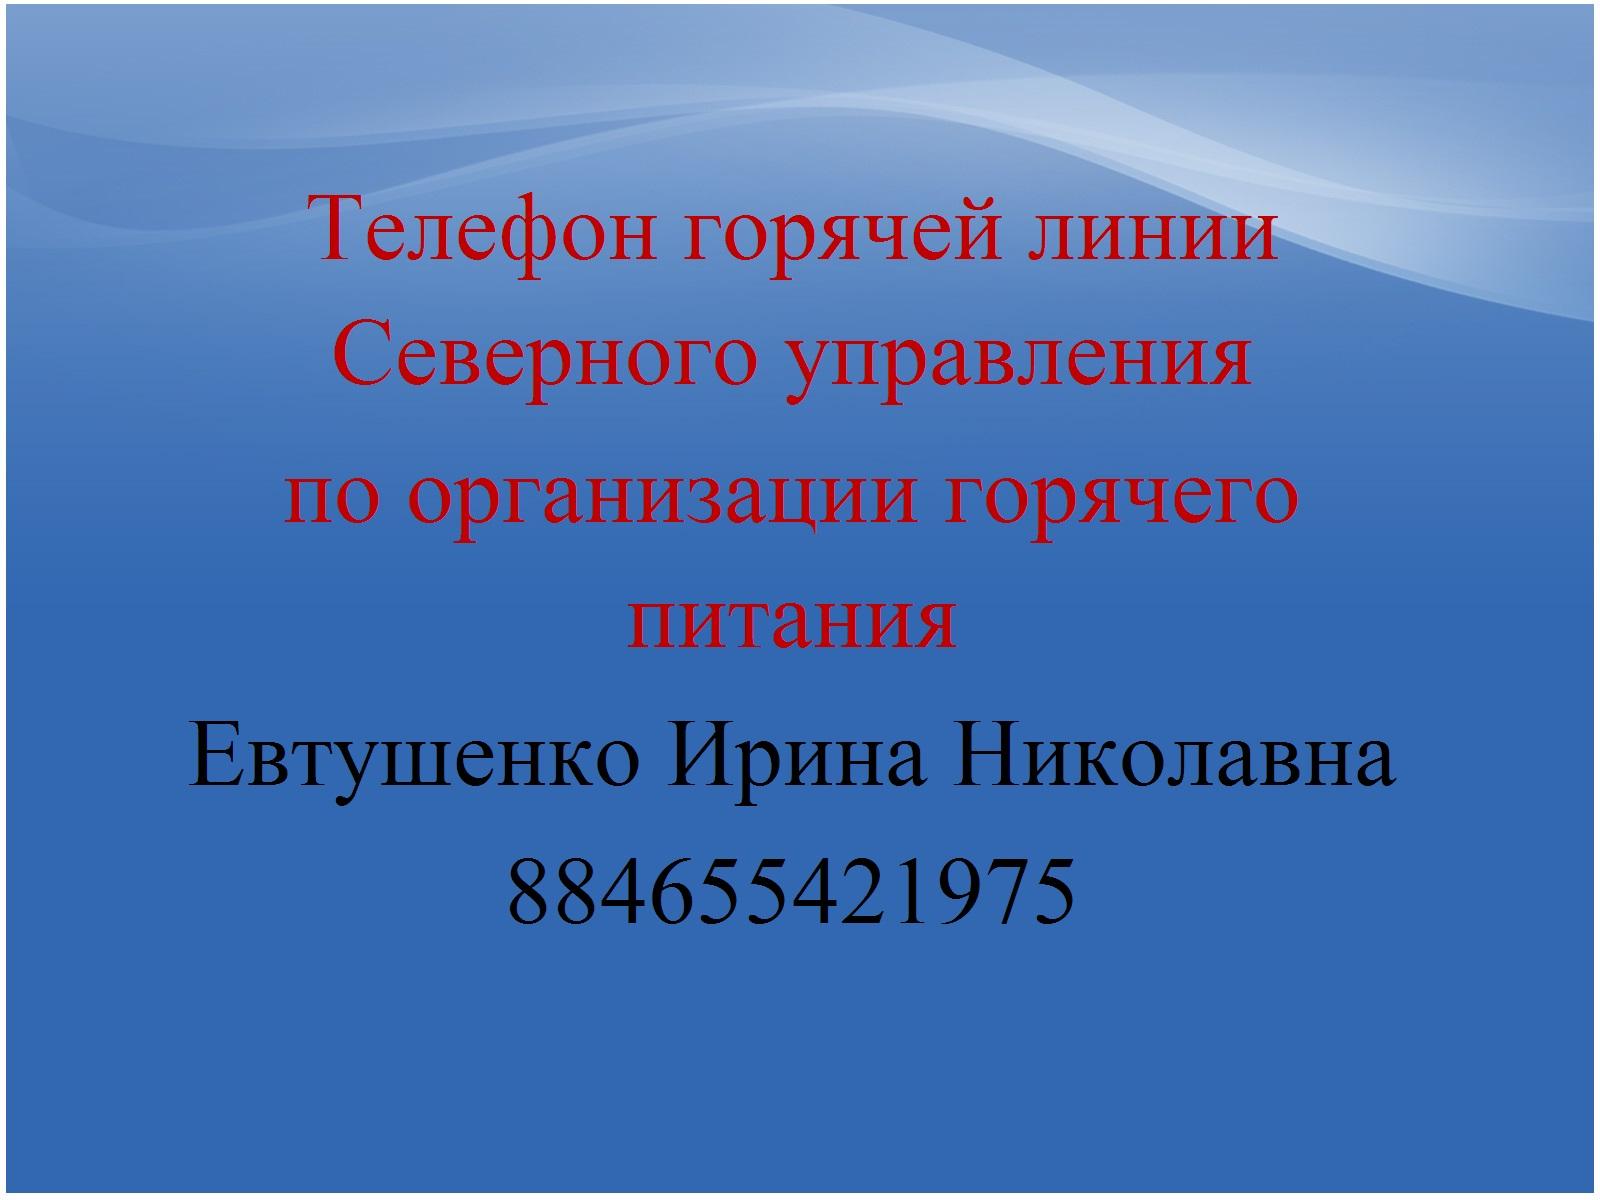 Телефон горячей линии Северного управления по организации горячего питания